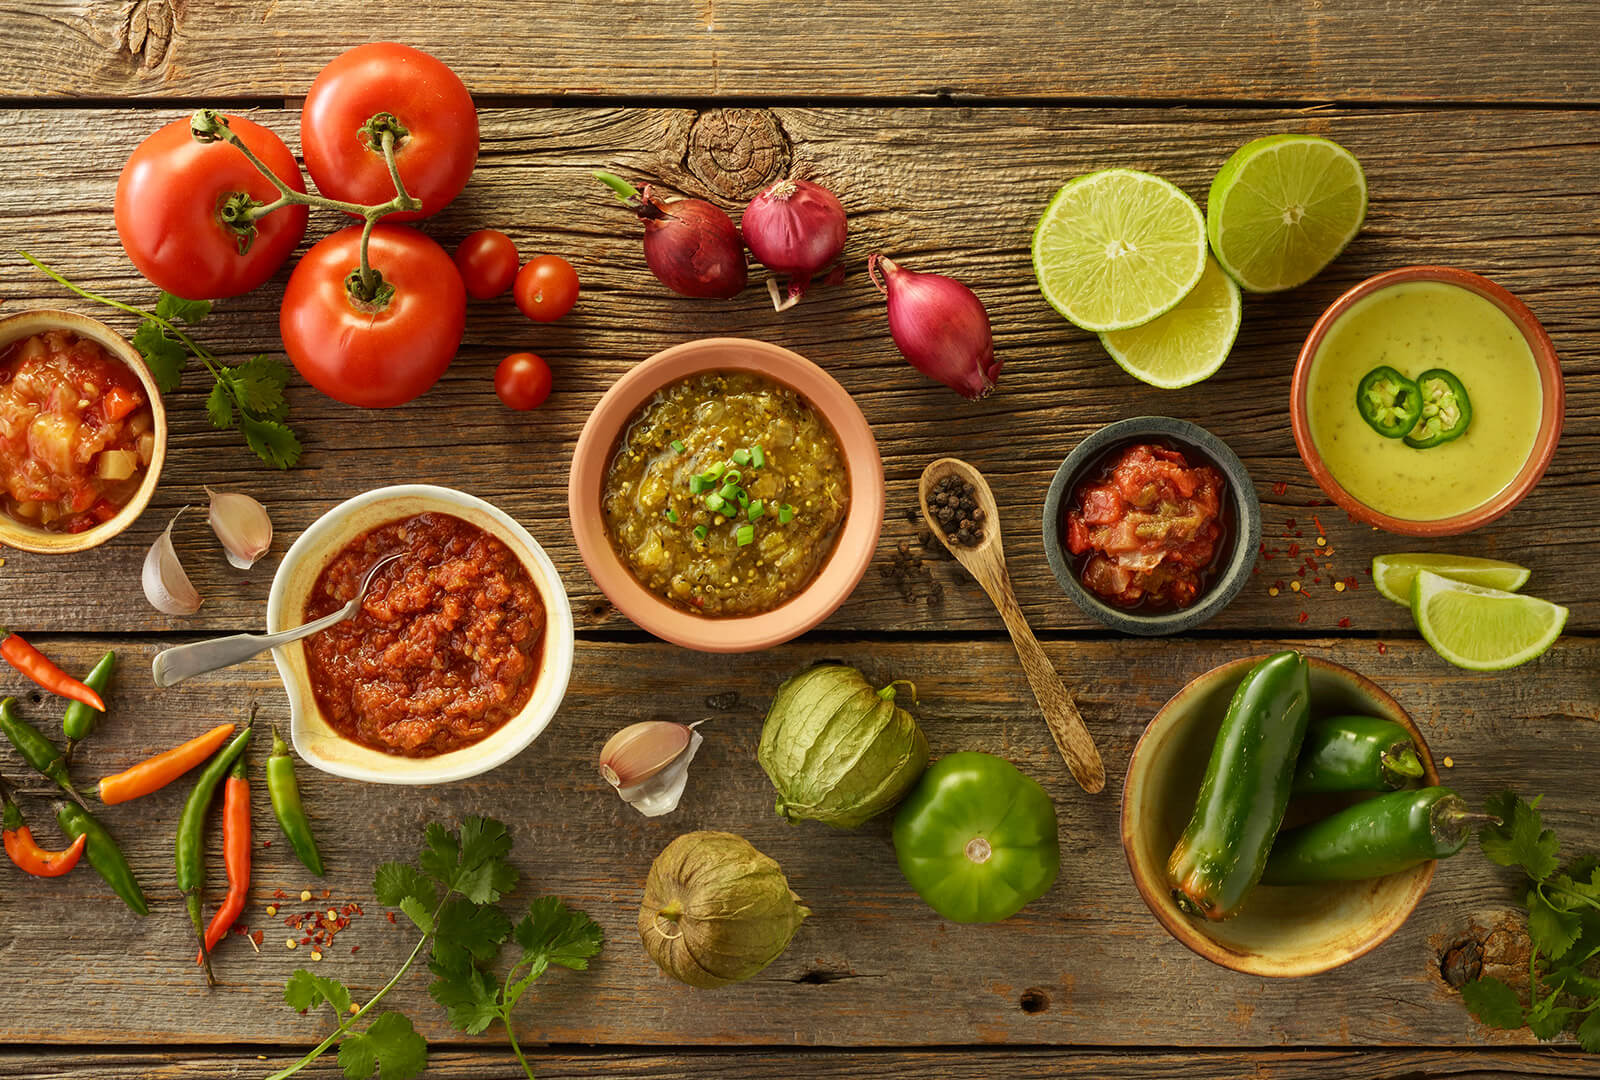 Fiesta Food Inspired Hormel Foods